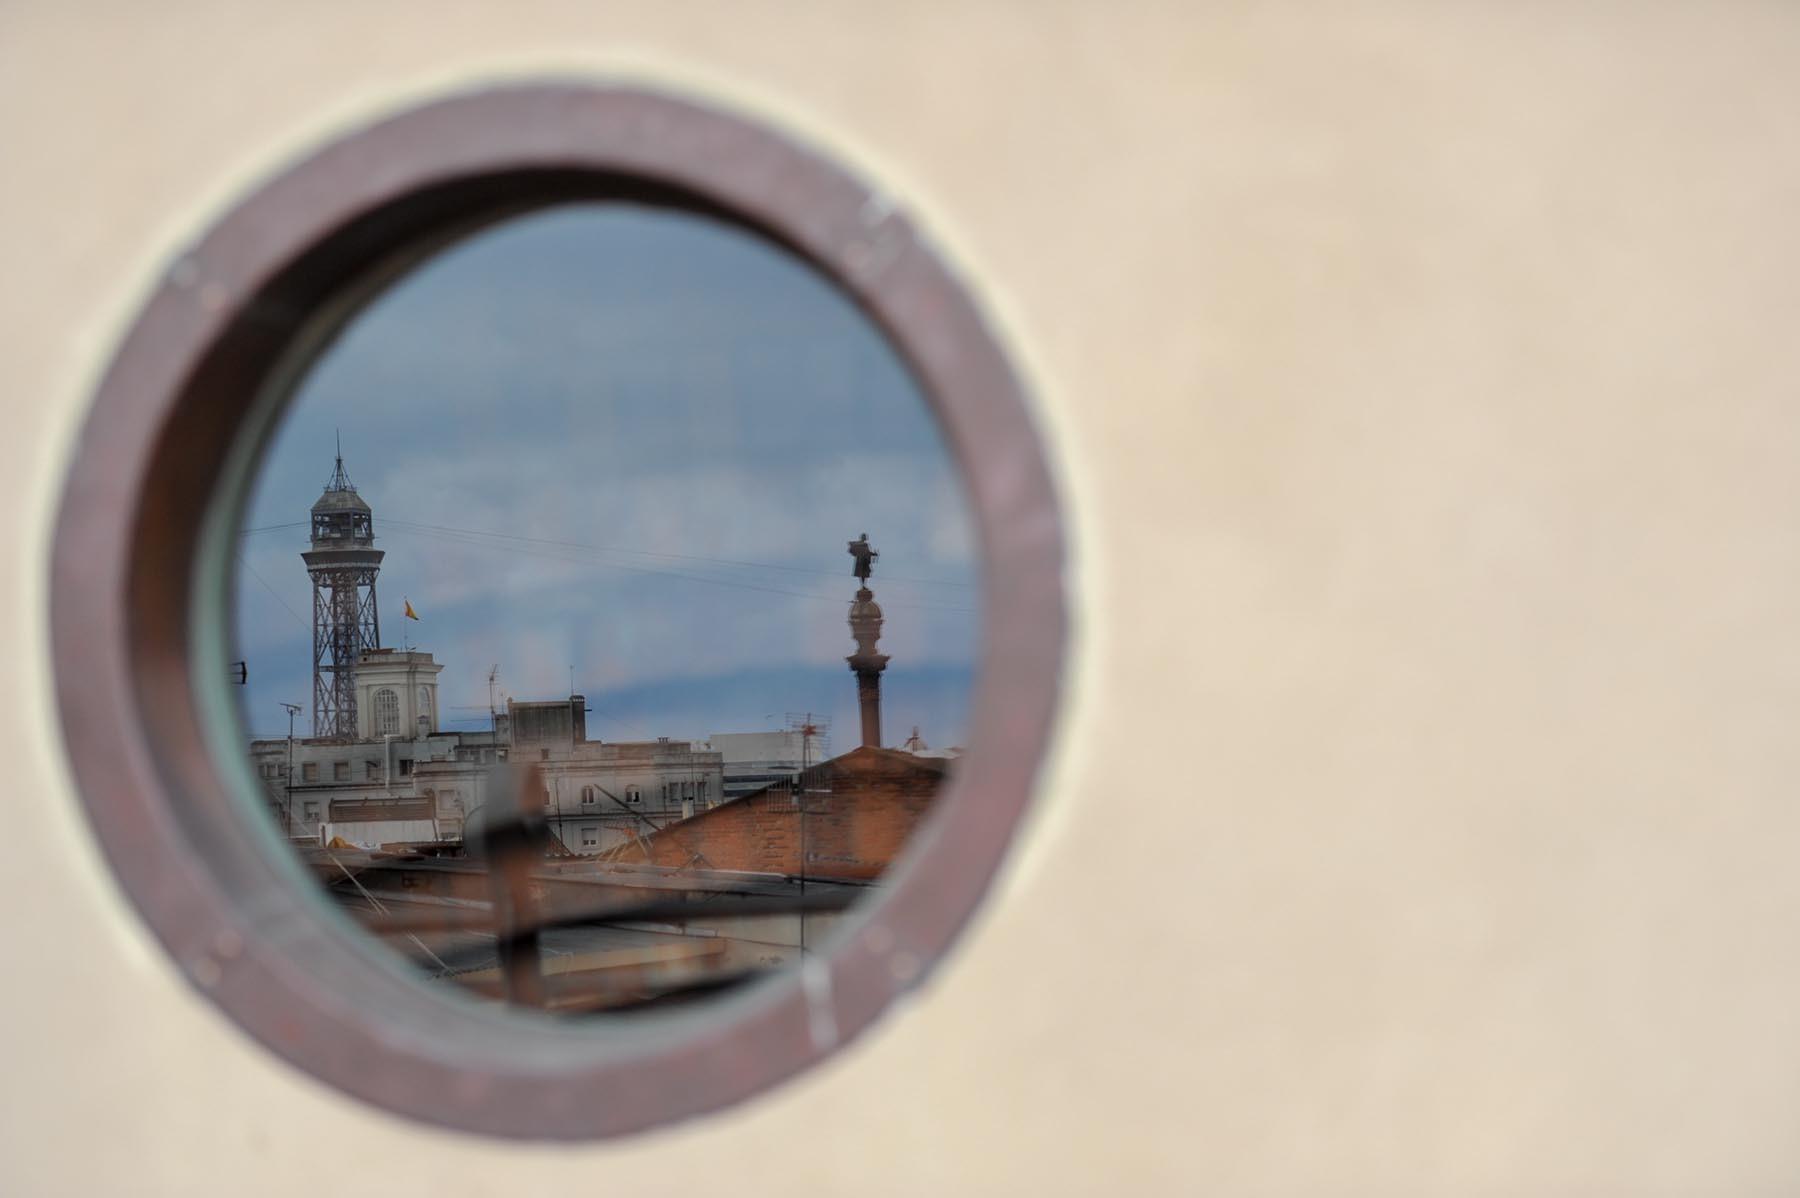 Dachy barcelony odbijające sie w oknie Pałacu Guell